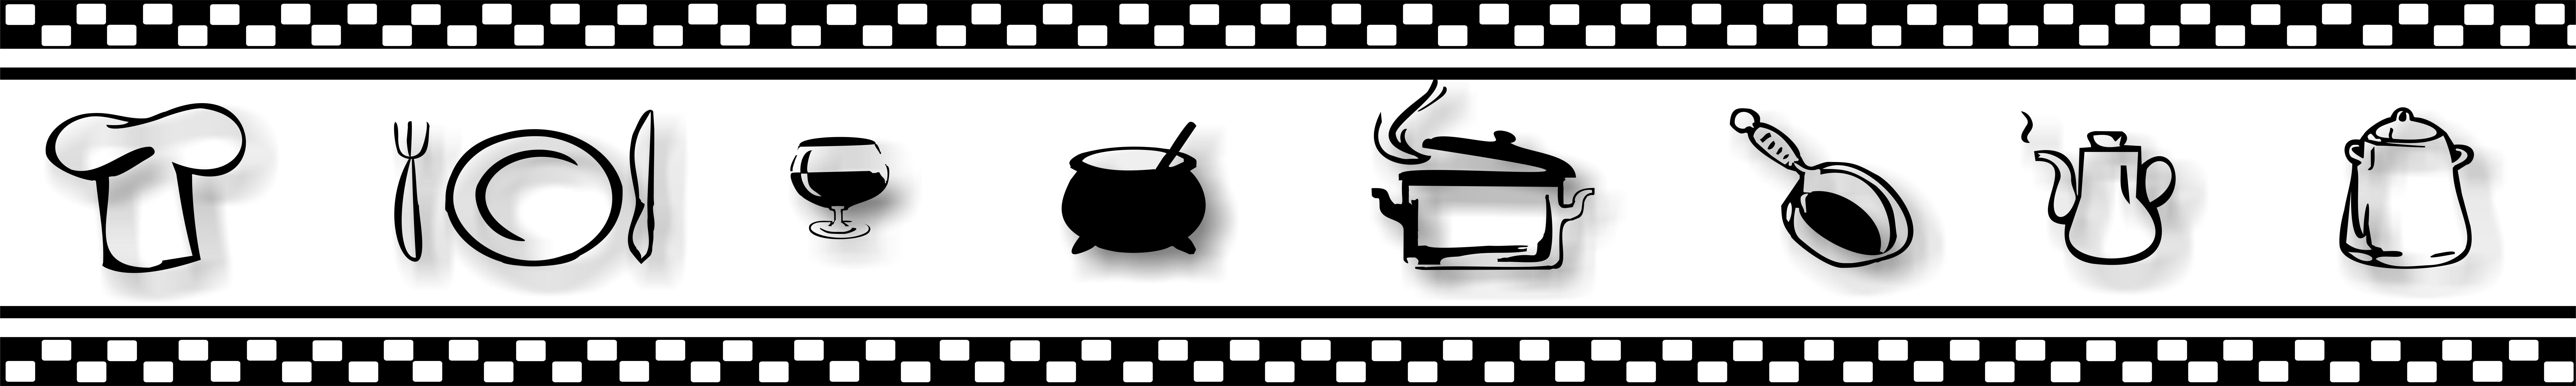 62c76d628 Faixa para cozinha no Elo7